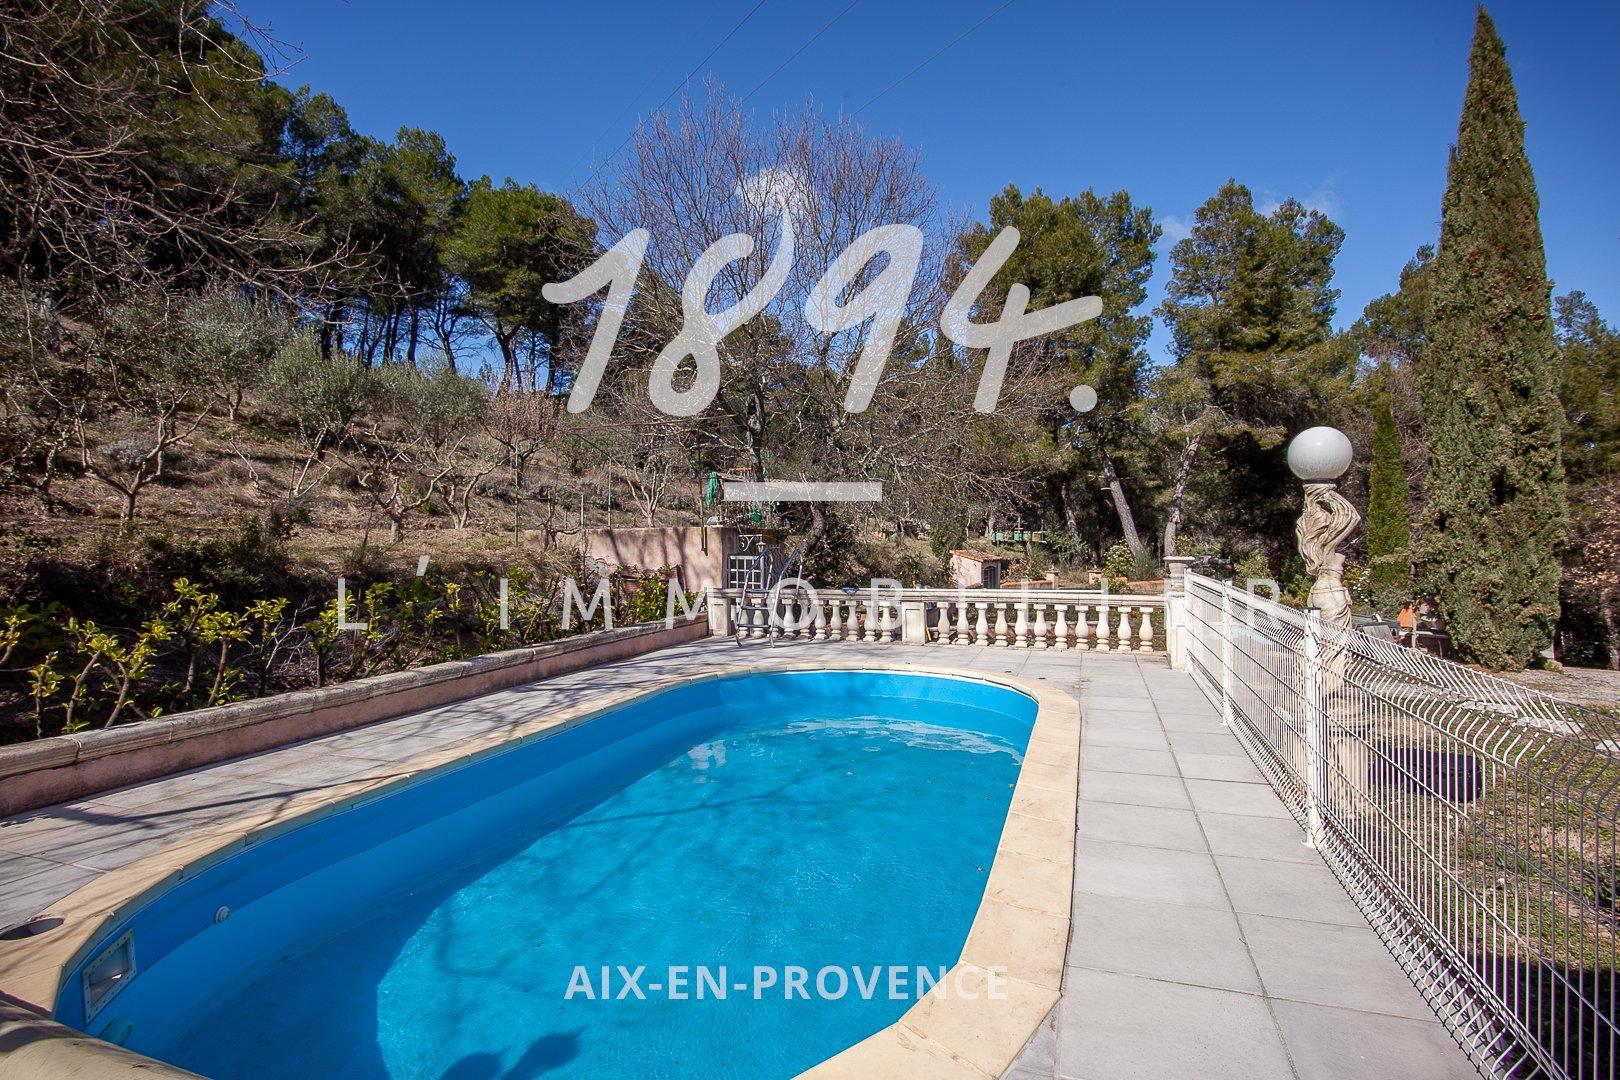 Maison de Type 4 d'environ 101m2 sur 8600m2 de terrain avec piscine à Rognes